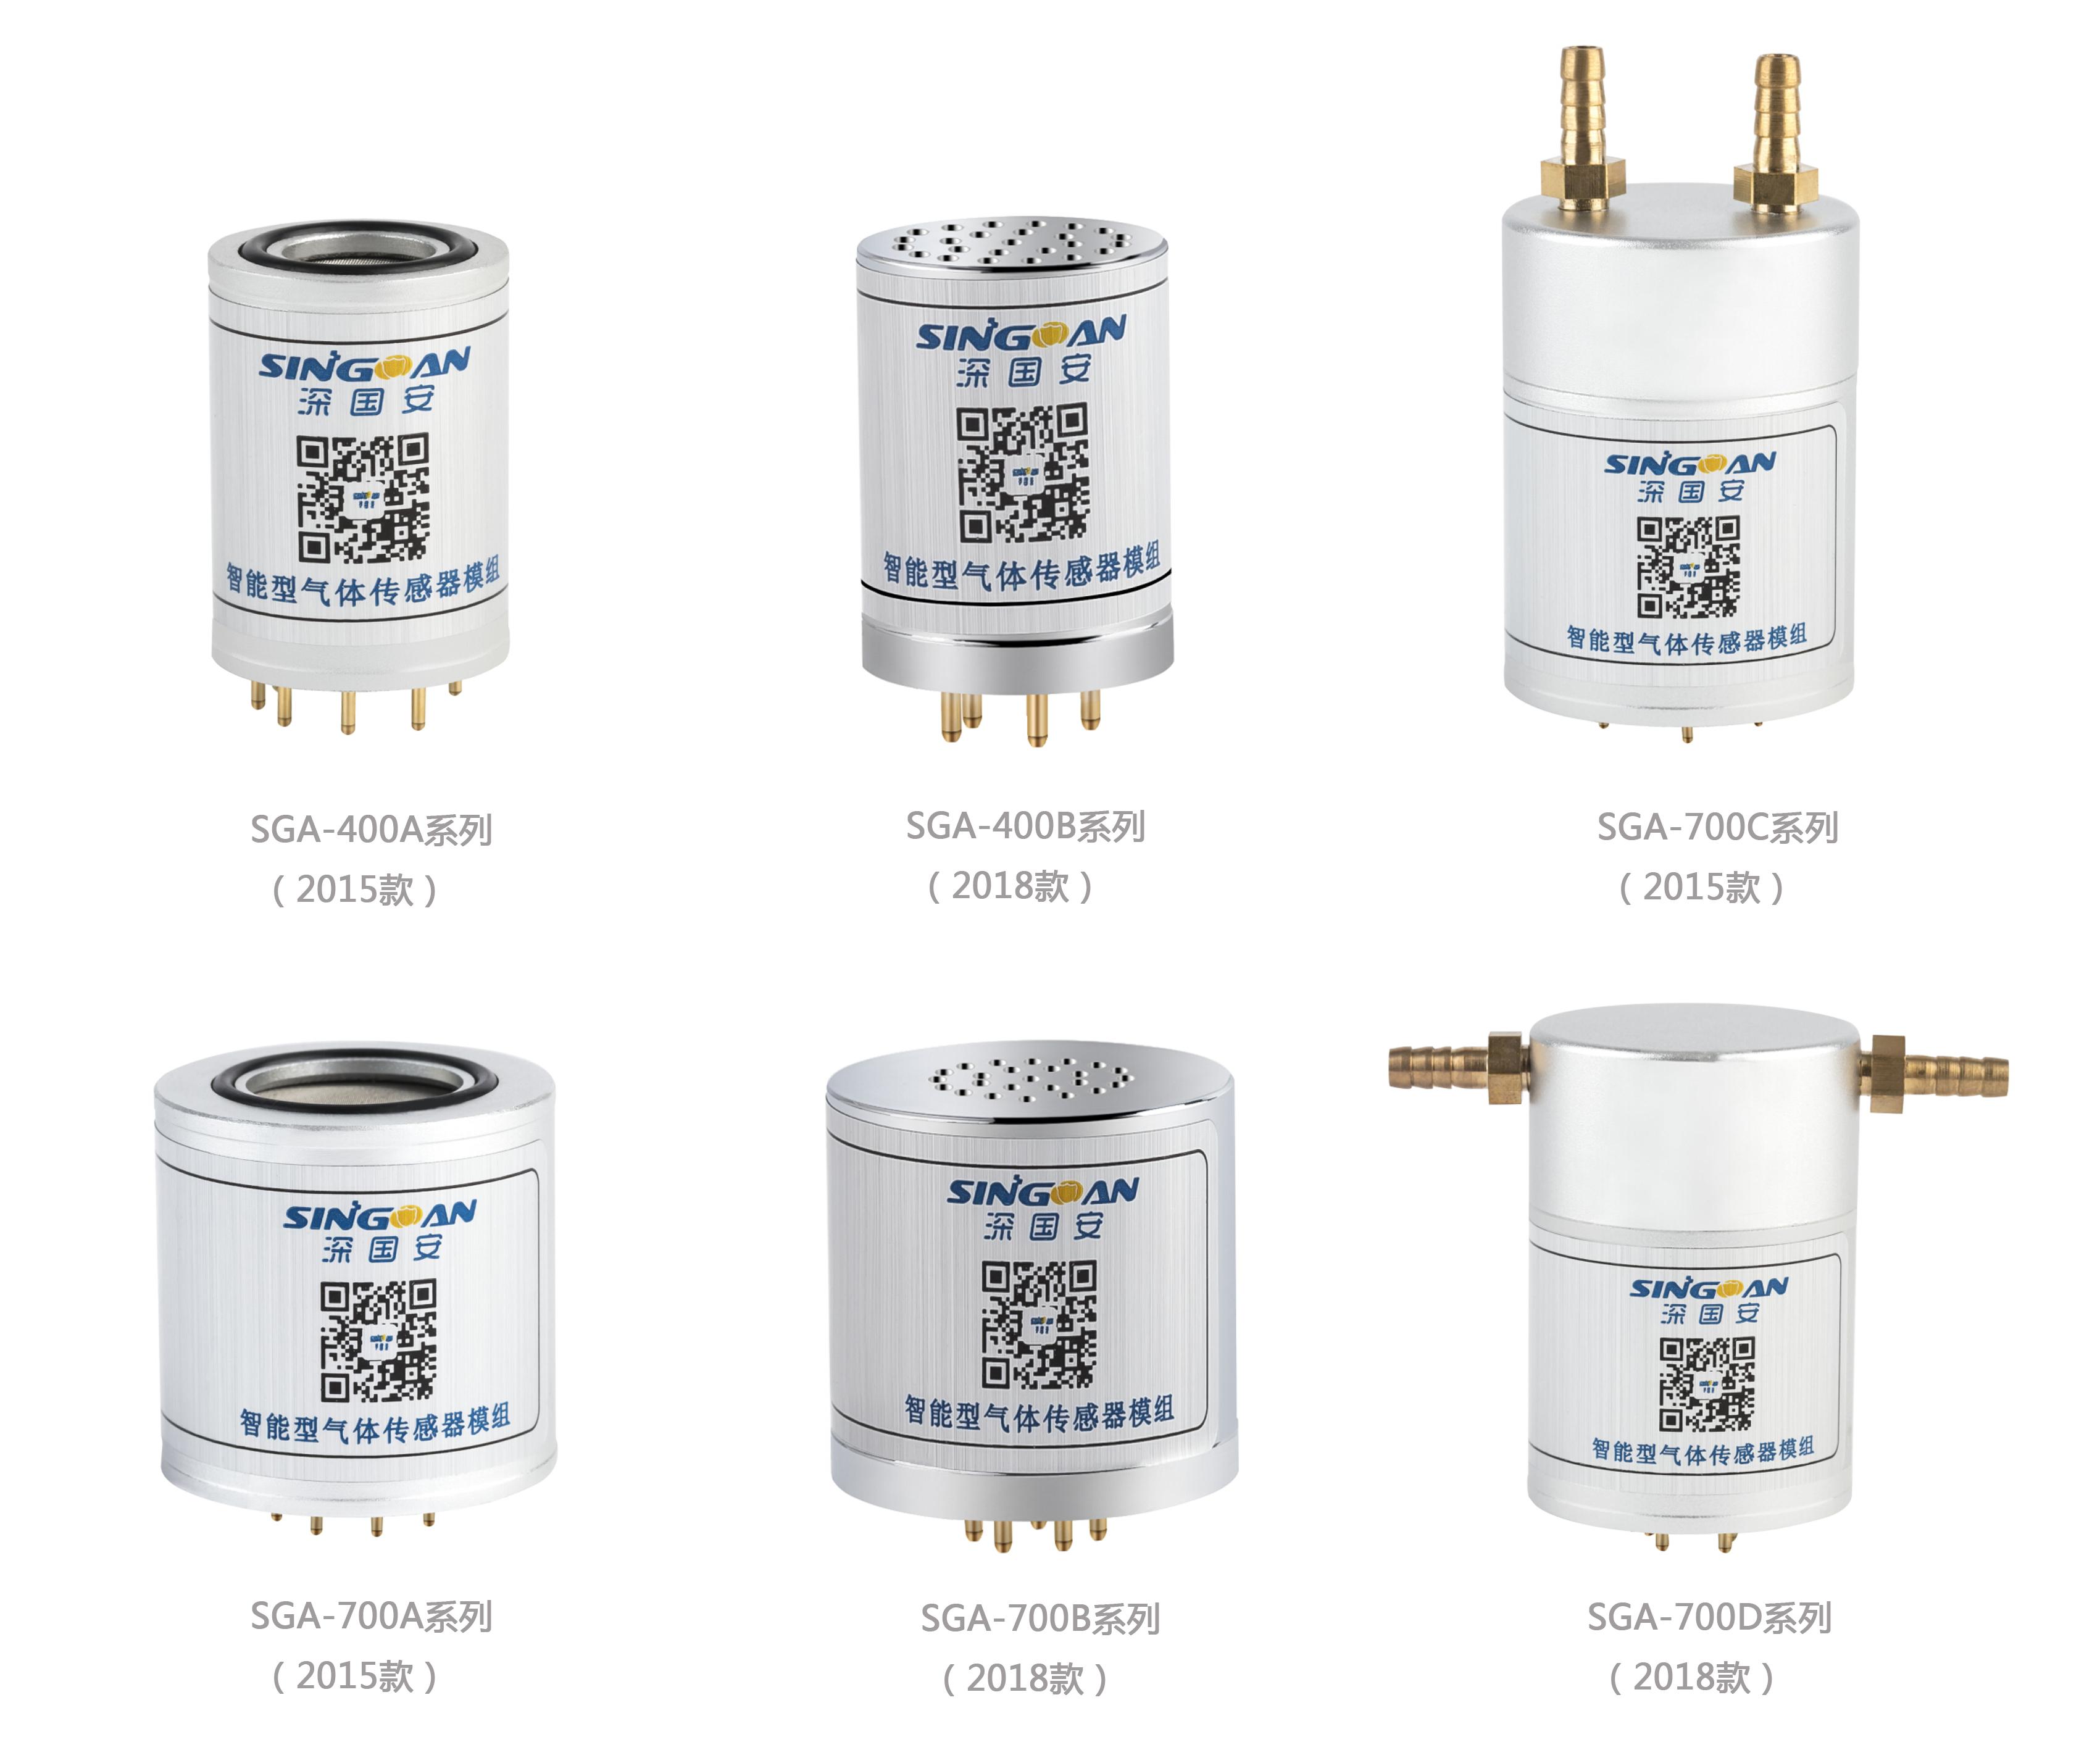 2015款2018款TTL串口输出三氧化硫气体传感器模块模组火热销售中